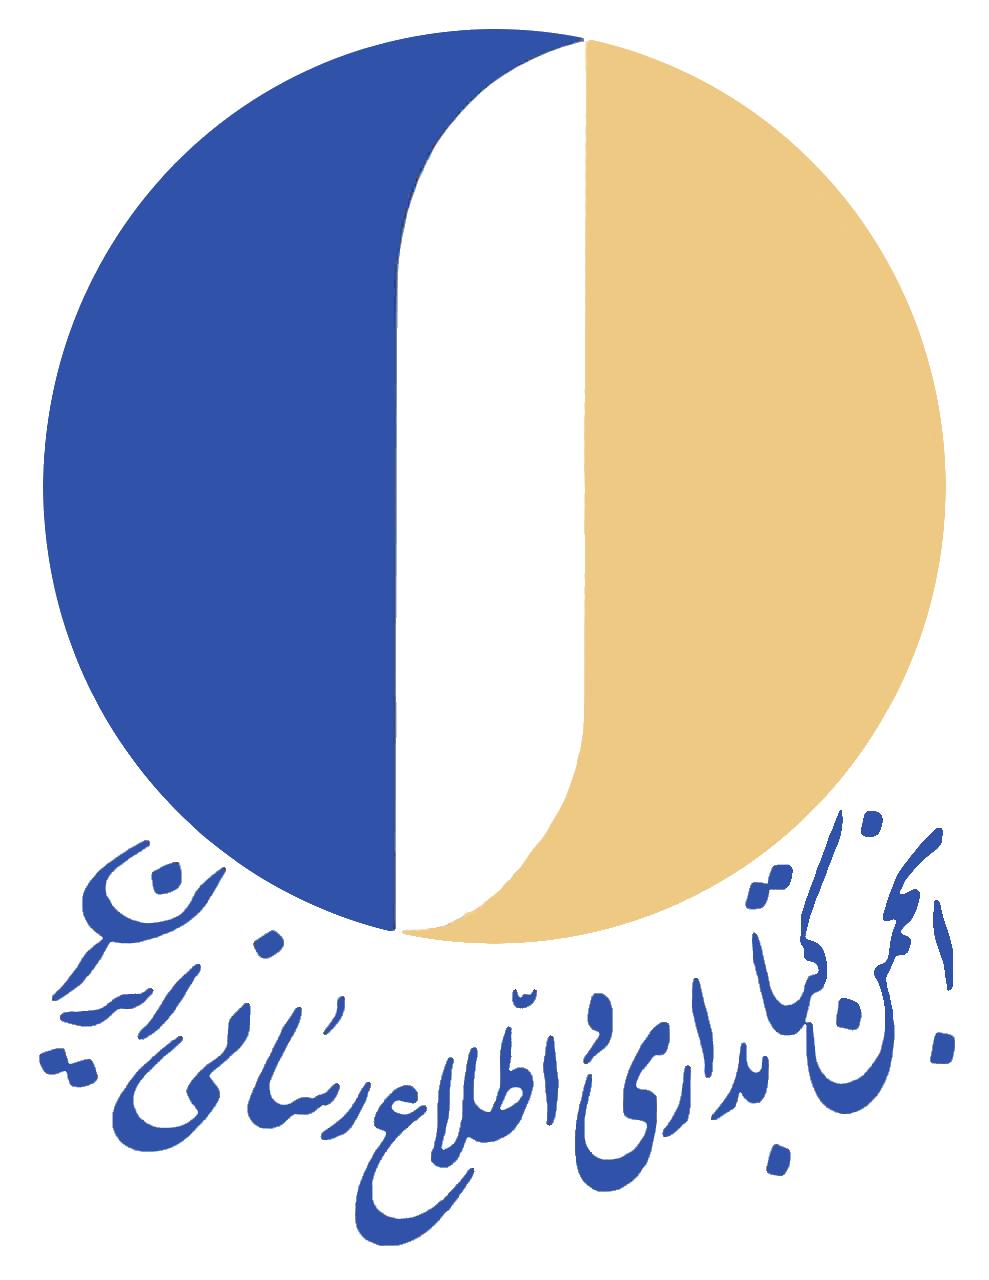 انجمن علمی کتابداری و اطلاعرسانی ایران